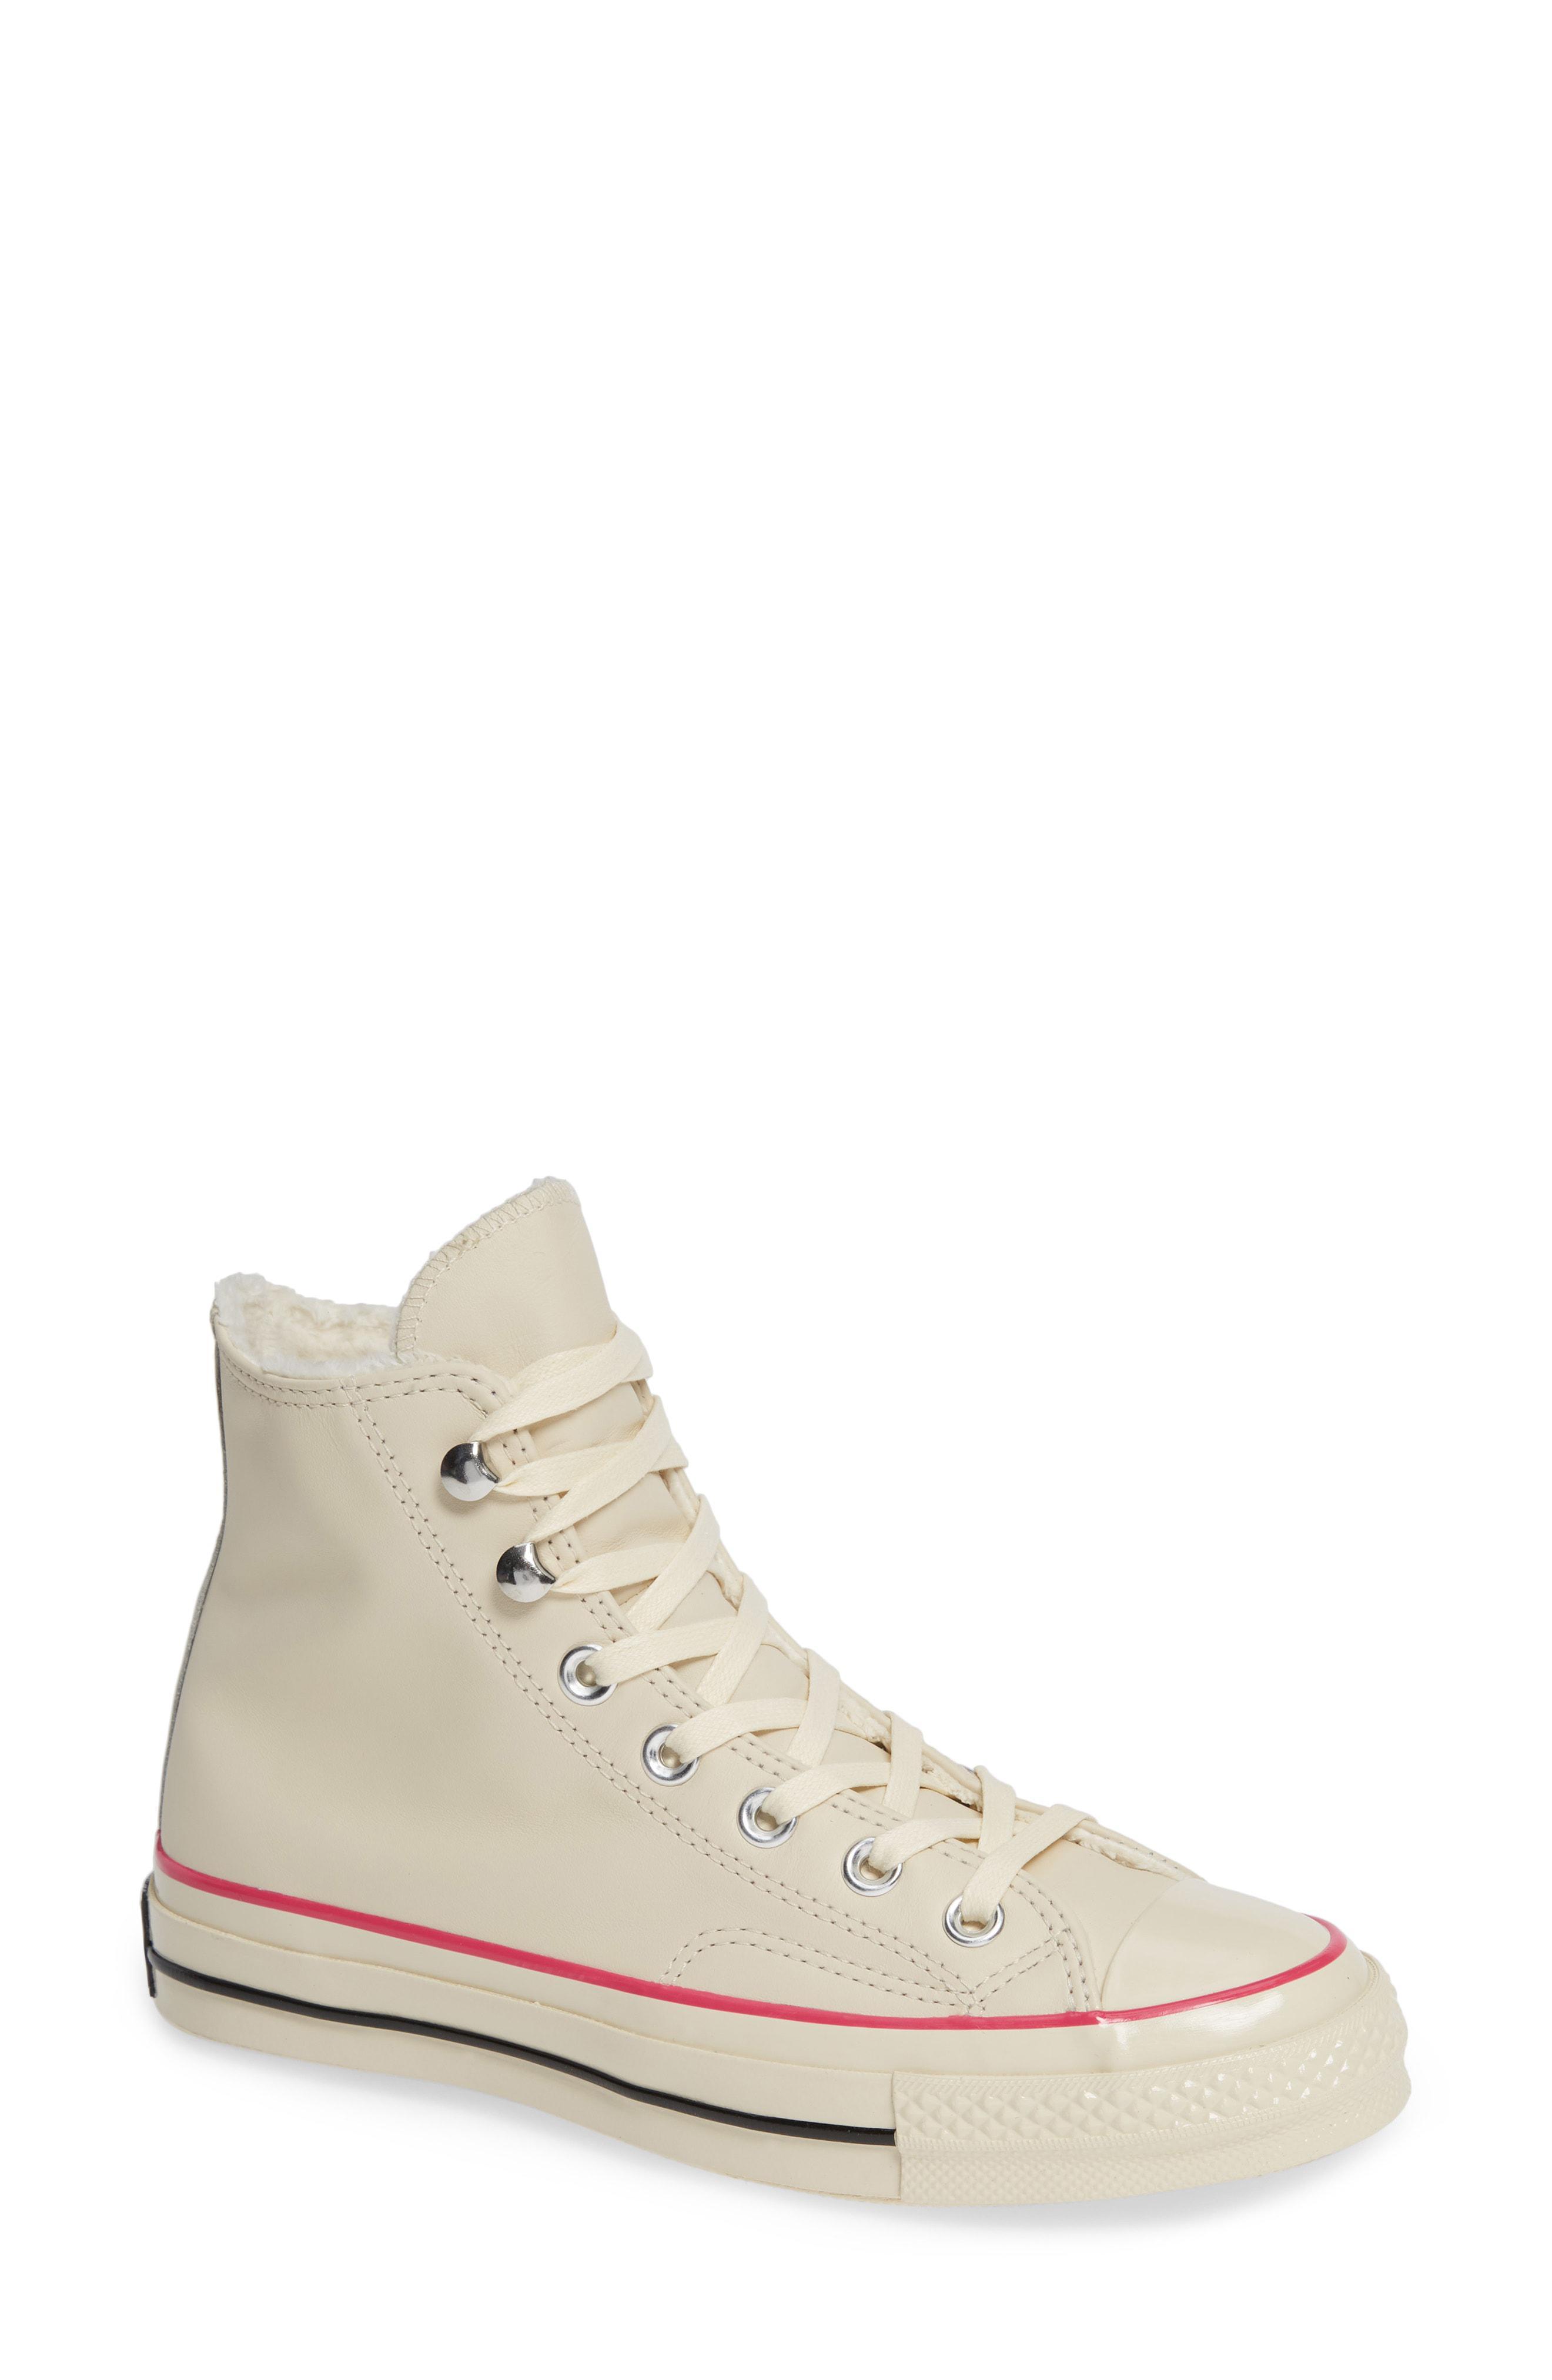 bb69d08e9063 Converse. Women s Chuck Taylor All Star Ct 70 Street Warmer High Top Sneaker